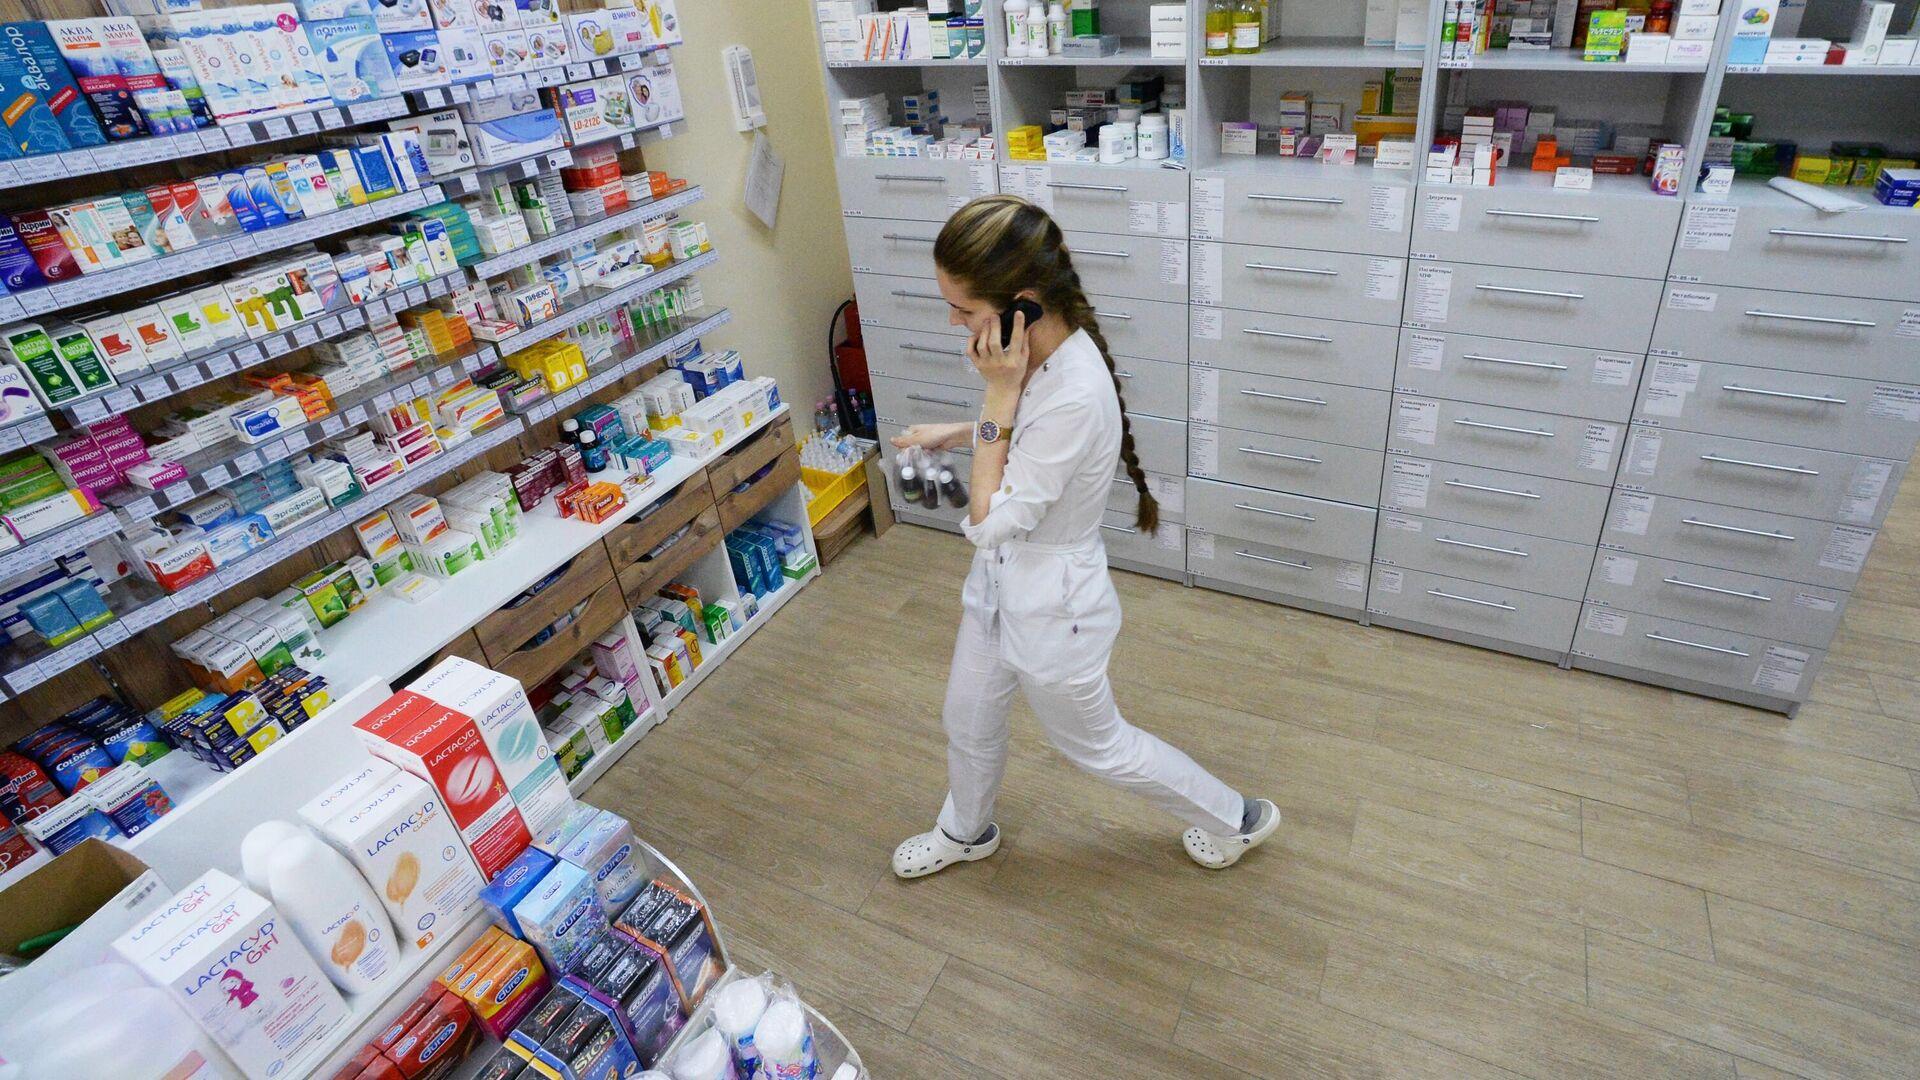 Фармацевт возле стеллажей с лекарствами в аптеке - РИА Новости, 1920, 03.11.2020